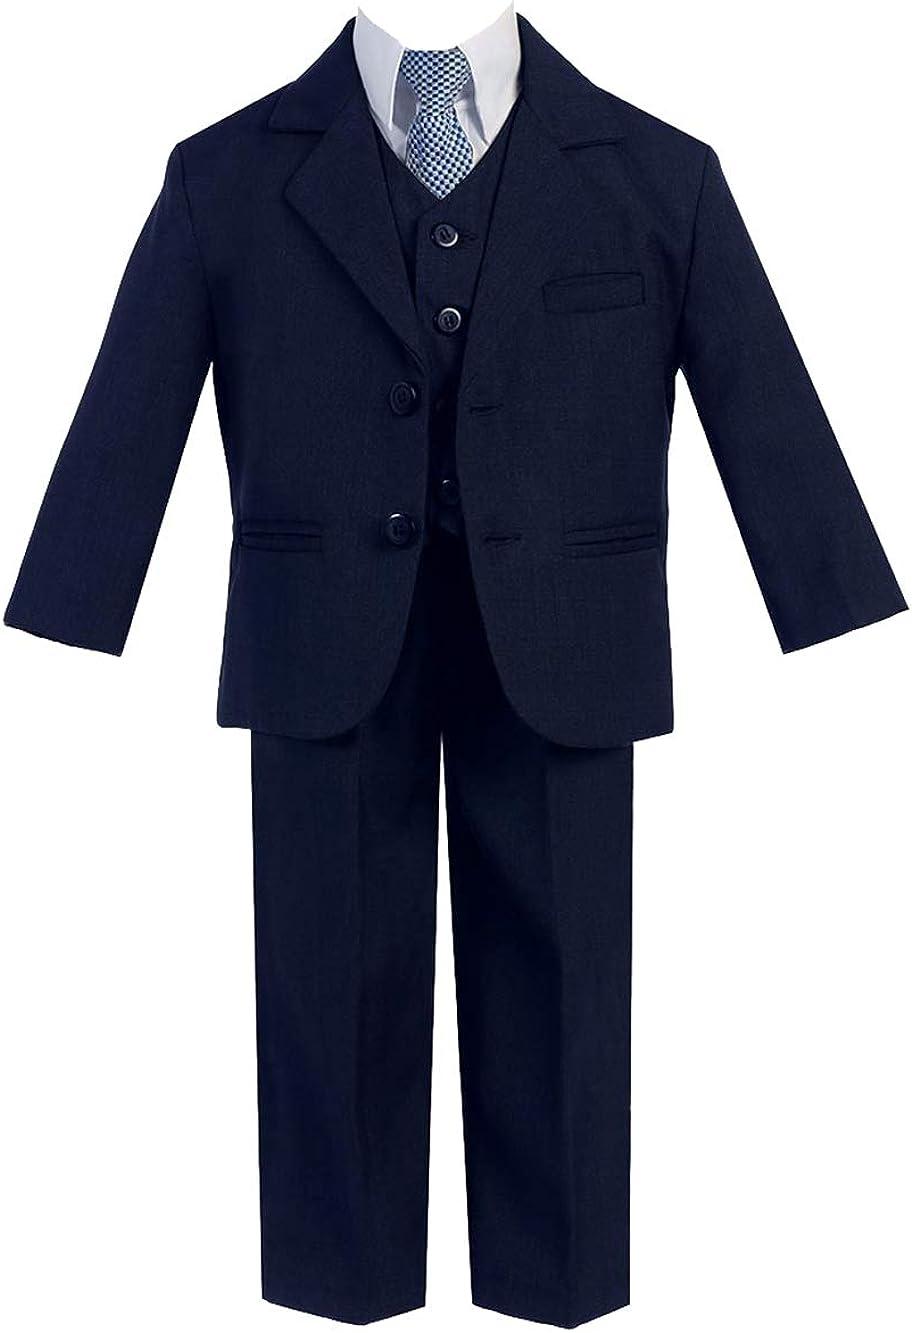 Little Gents Boys Suits - Boys First Communion Suit, Kids Suit for Weddings